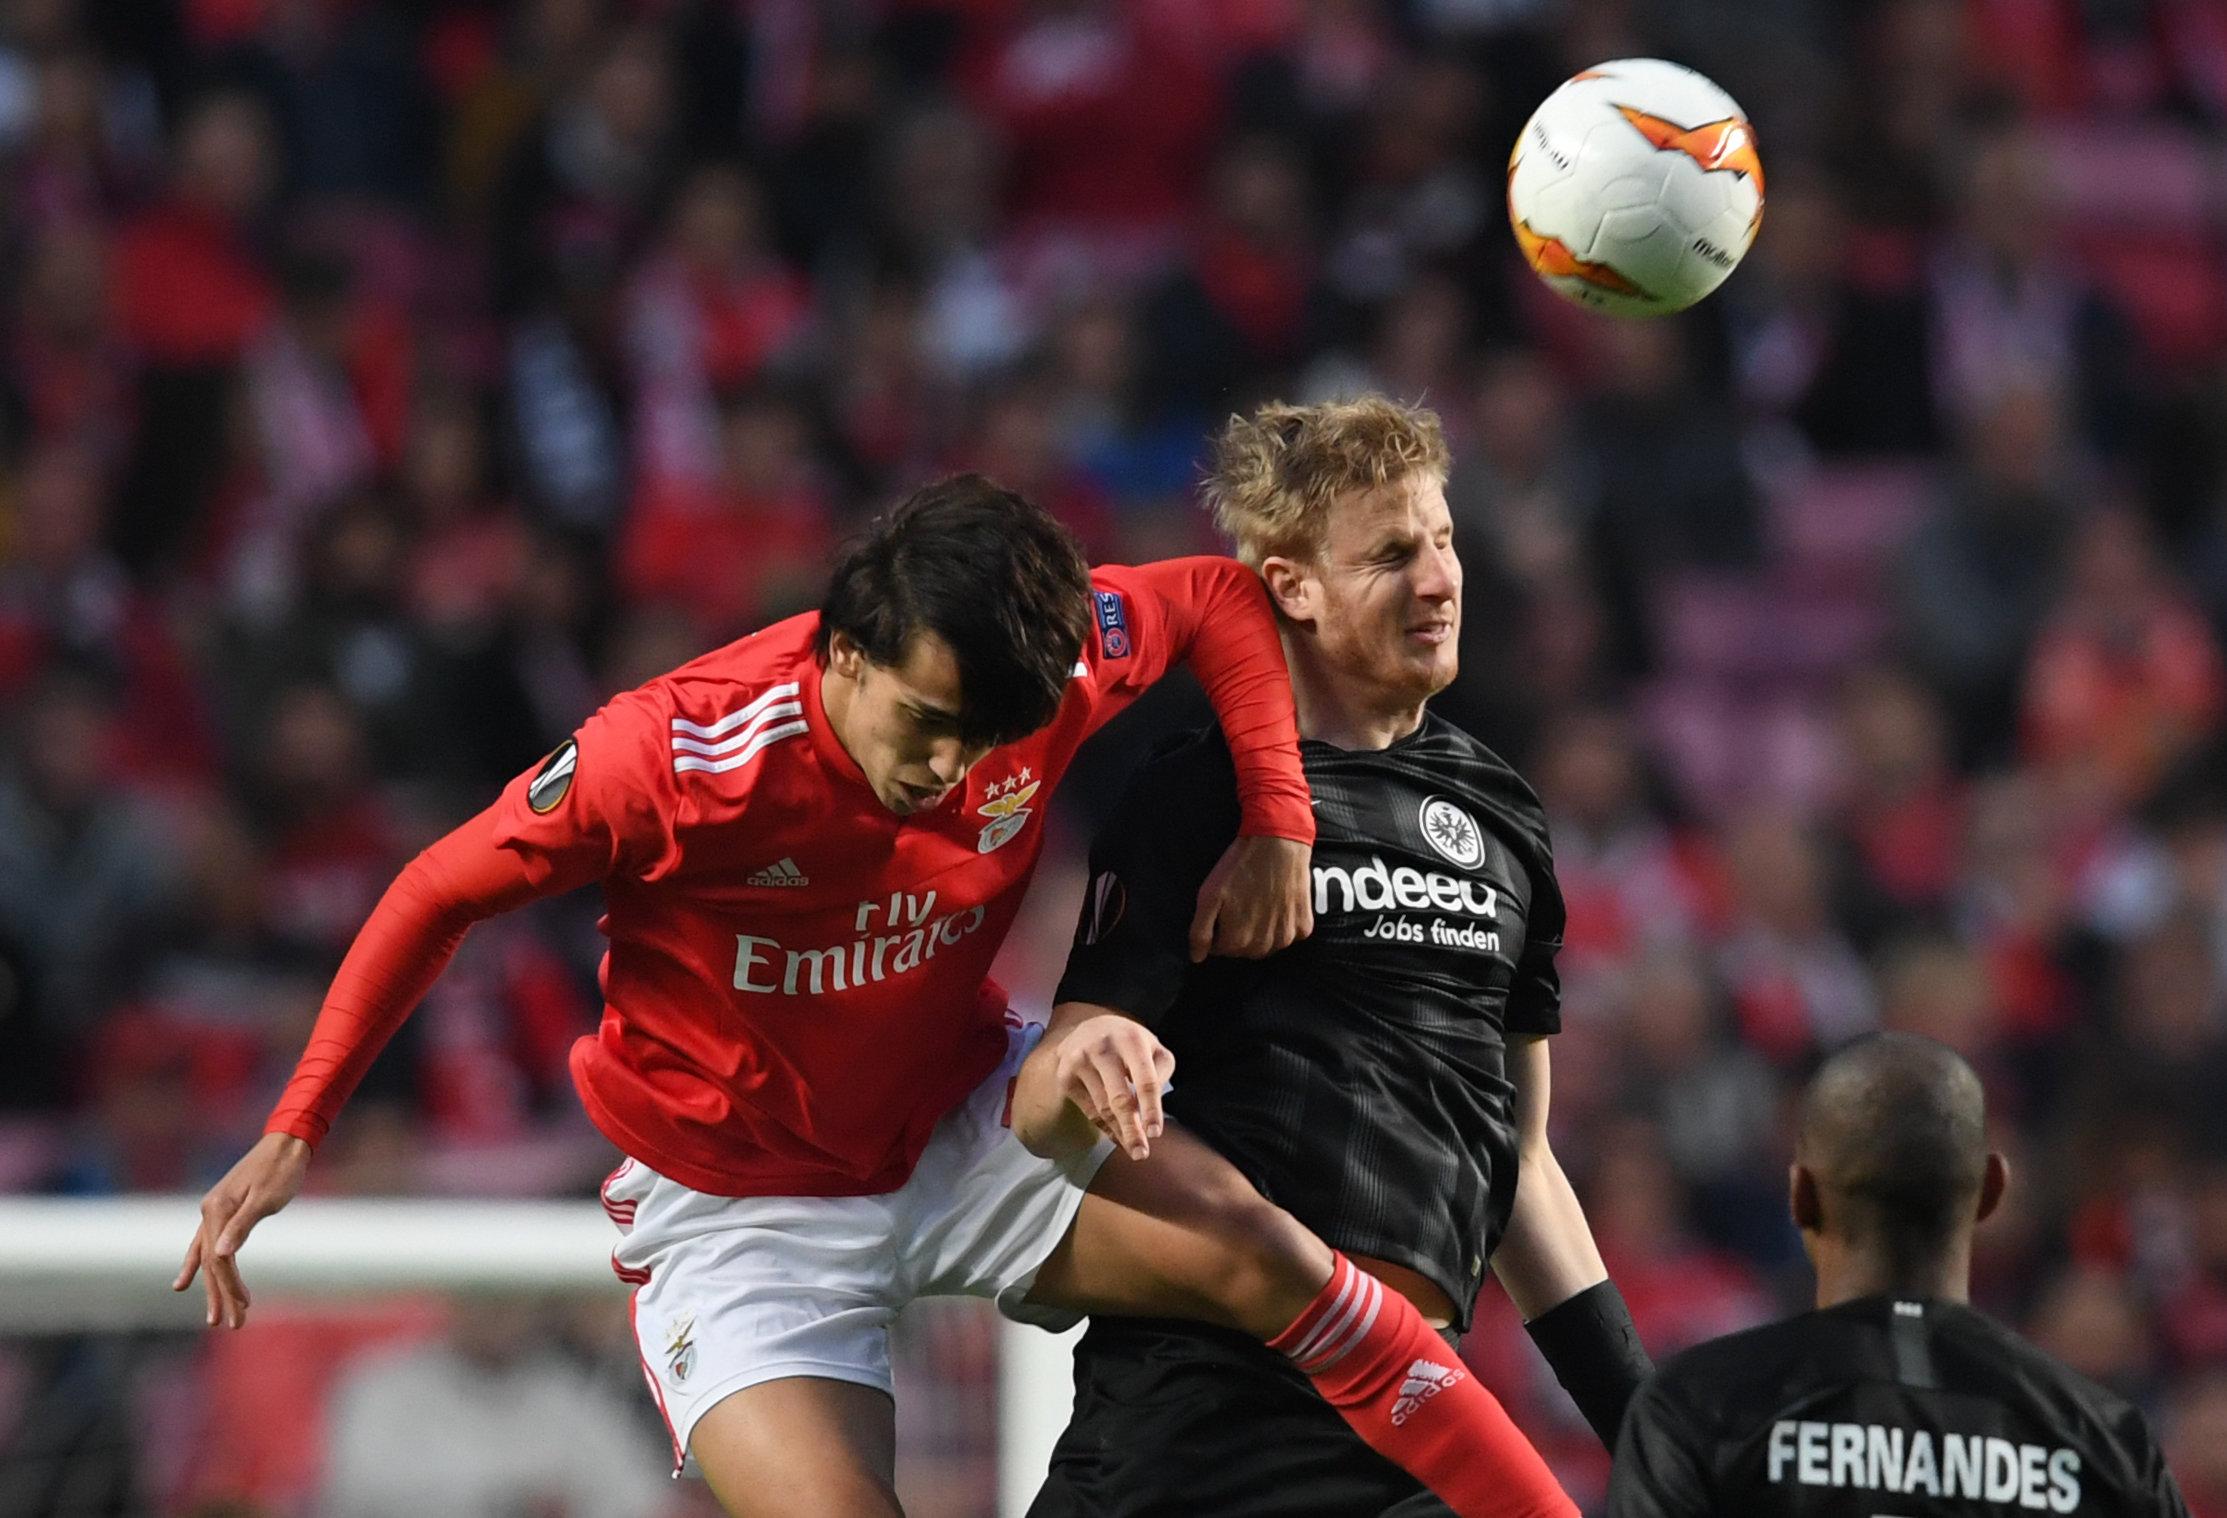 Joao Felix (links) wechselt für 126 Millionen Euro zu Atletico Madrid.